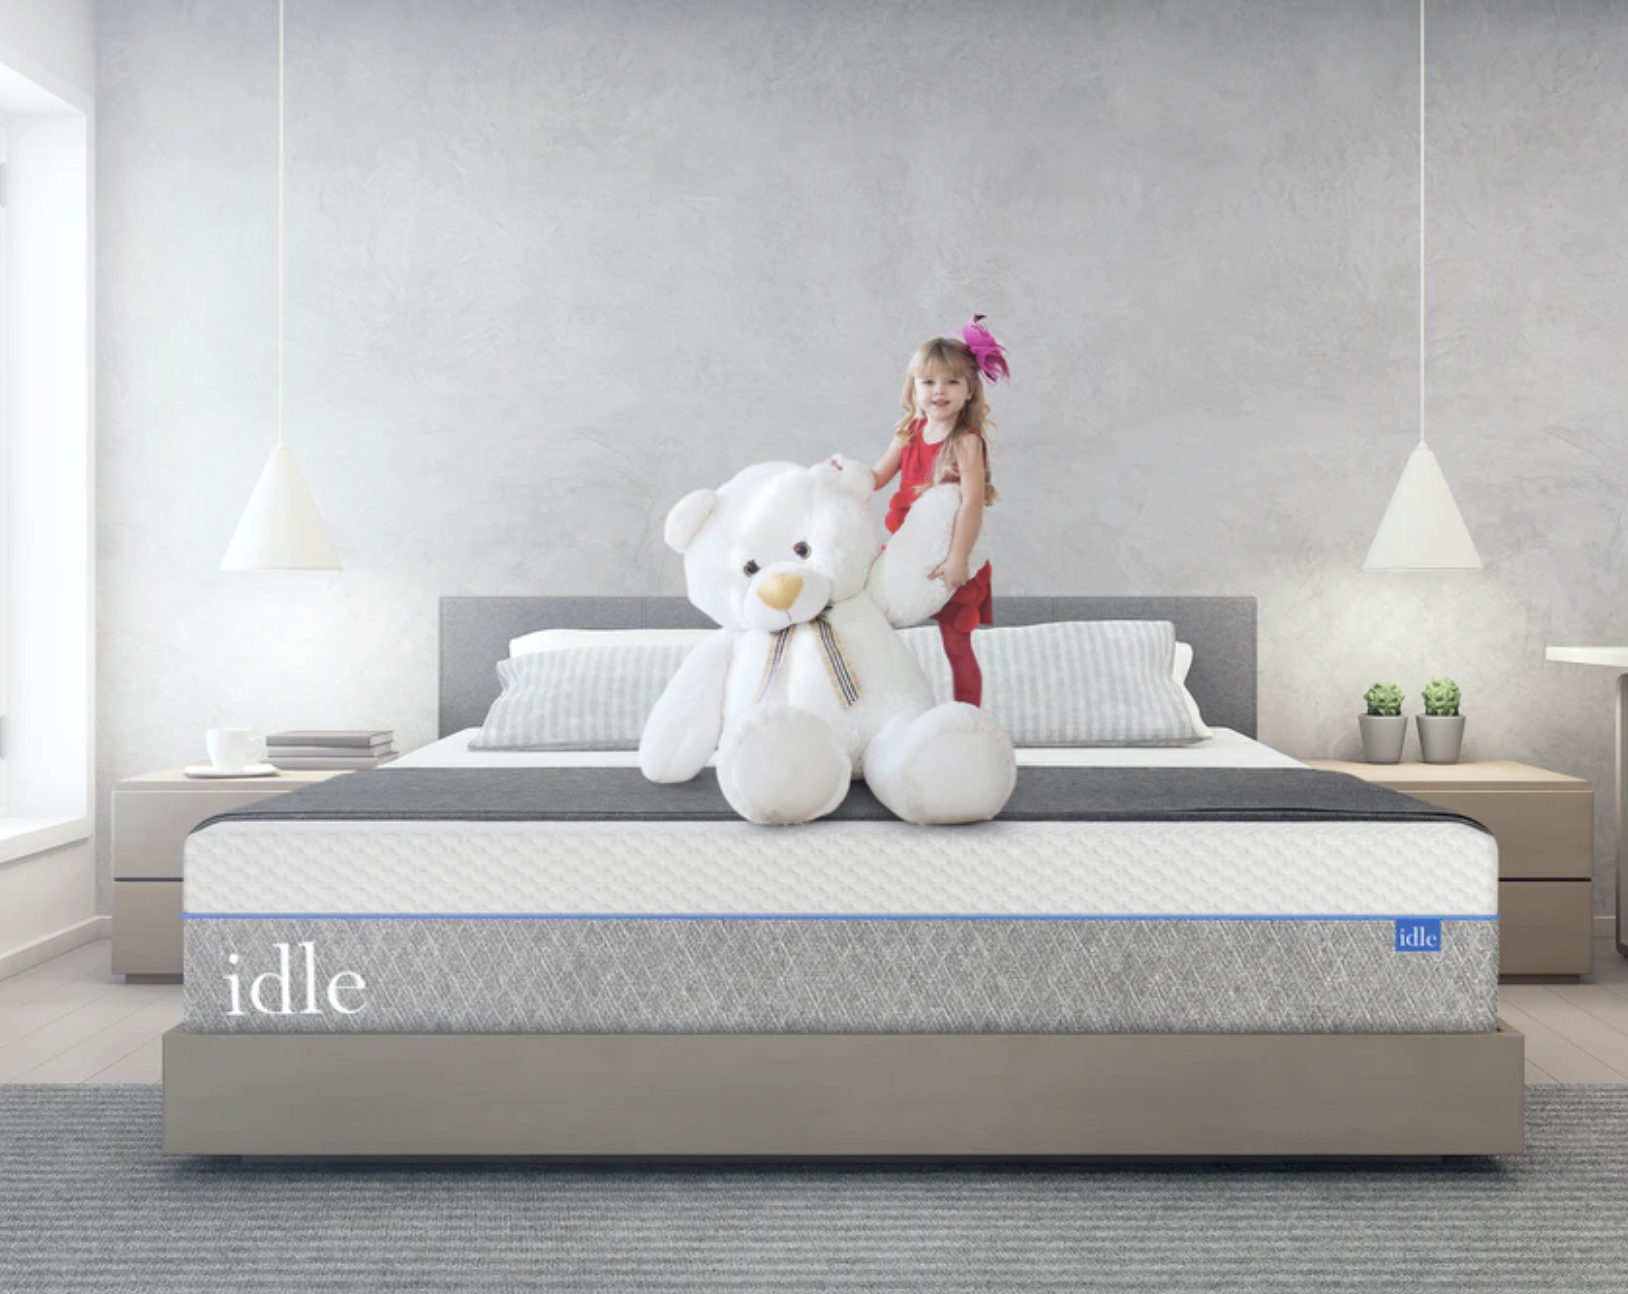 gray queen-sized mattress